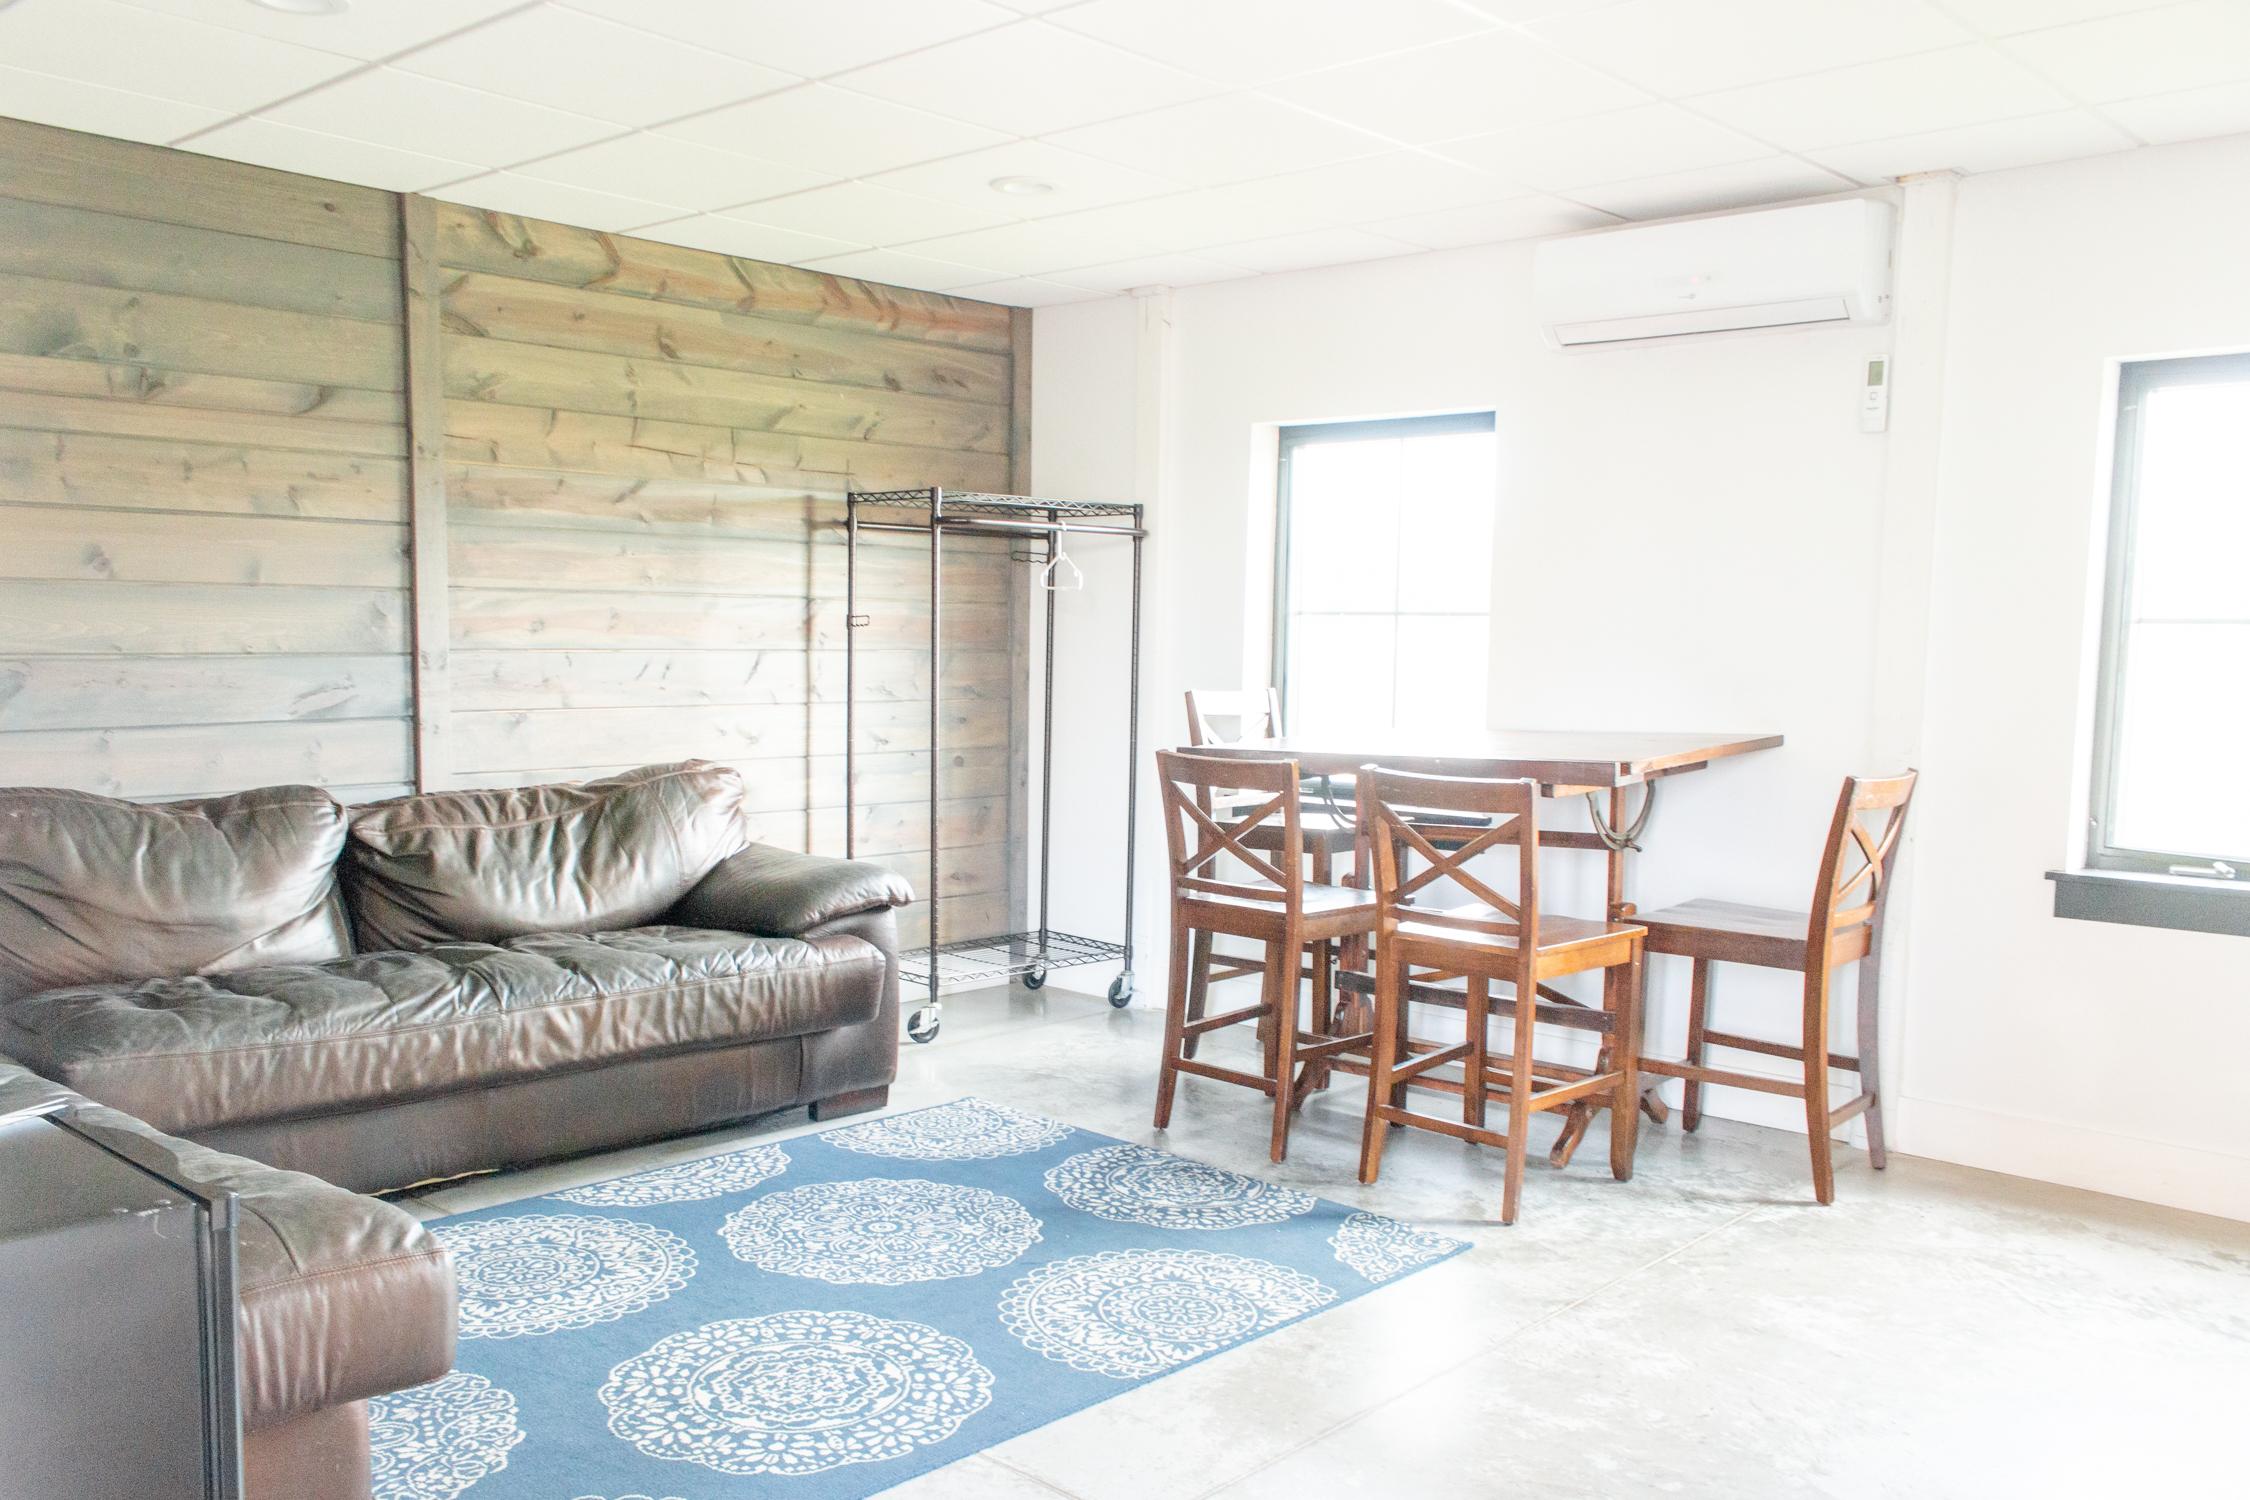 Grooms Lounge web-1.jpg